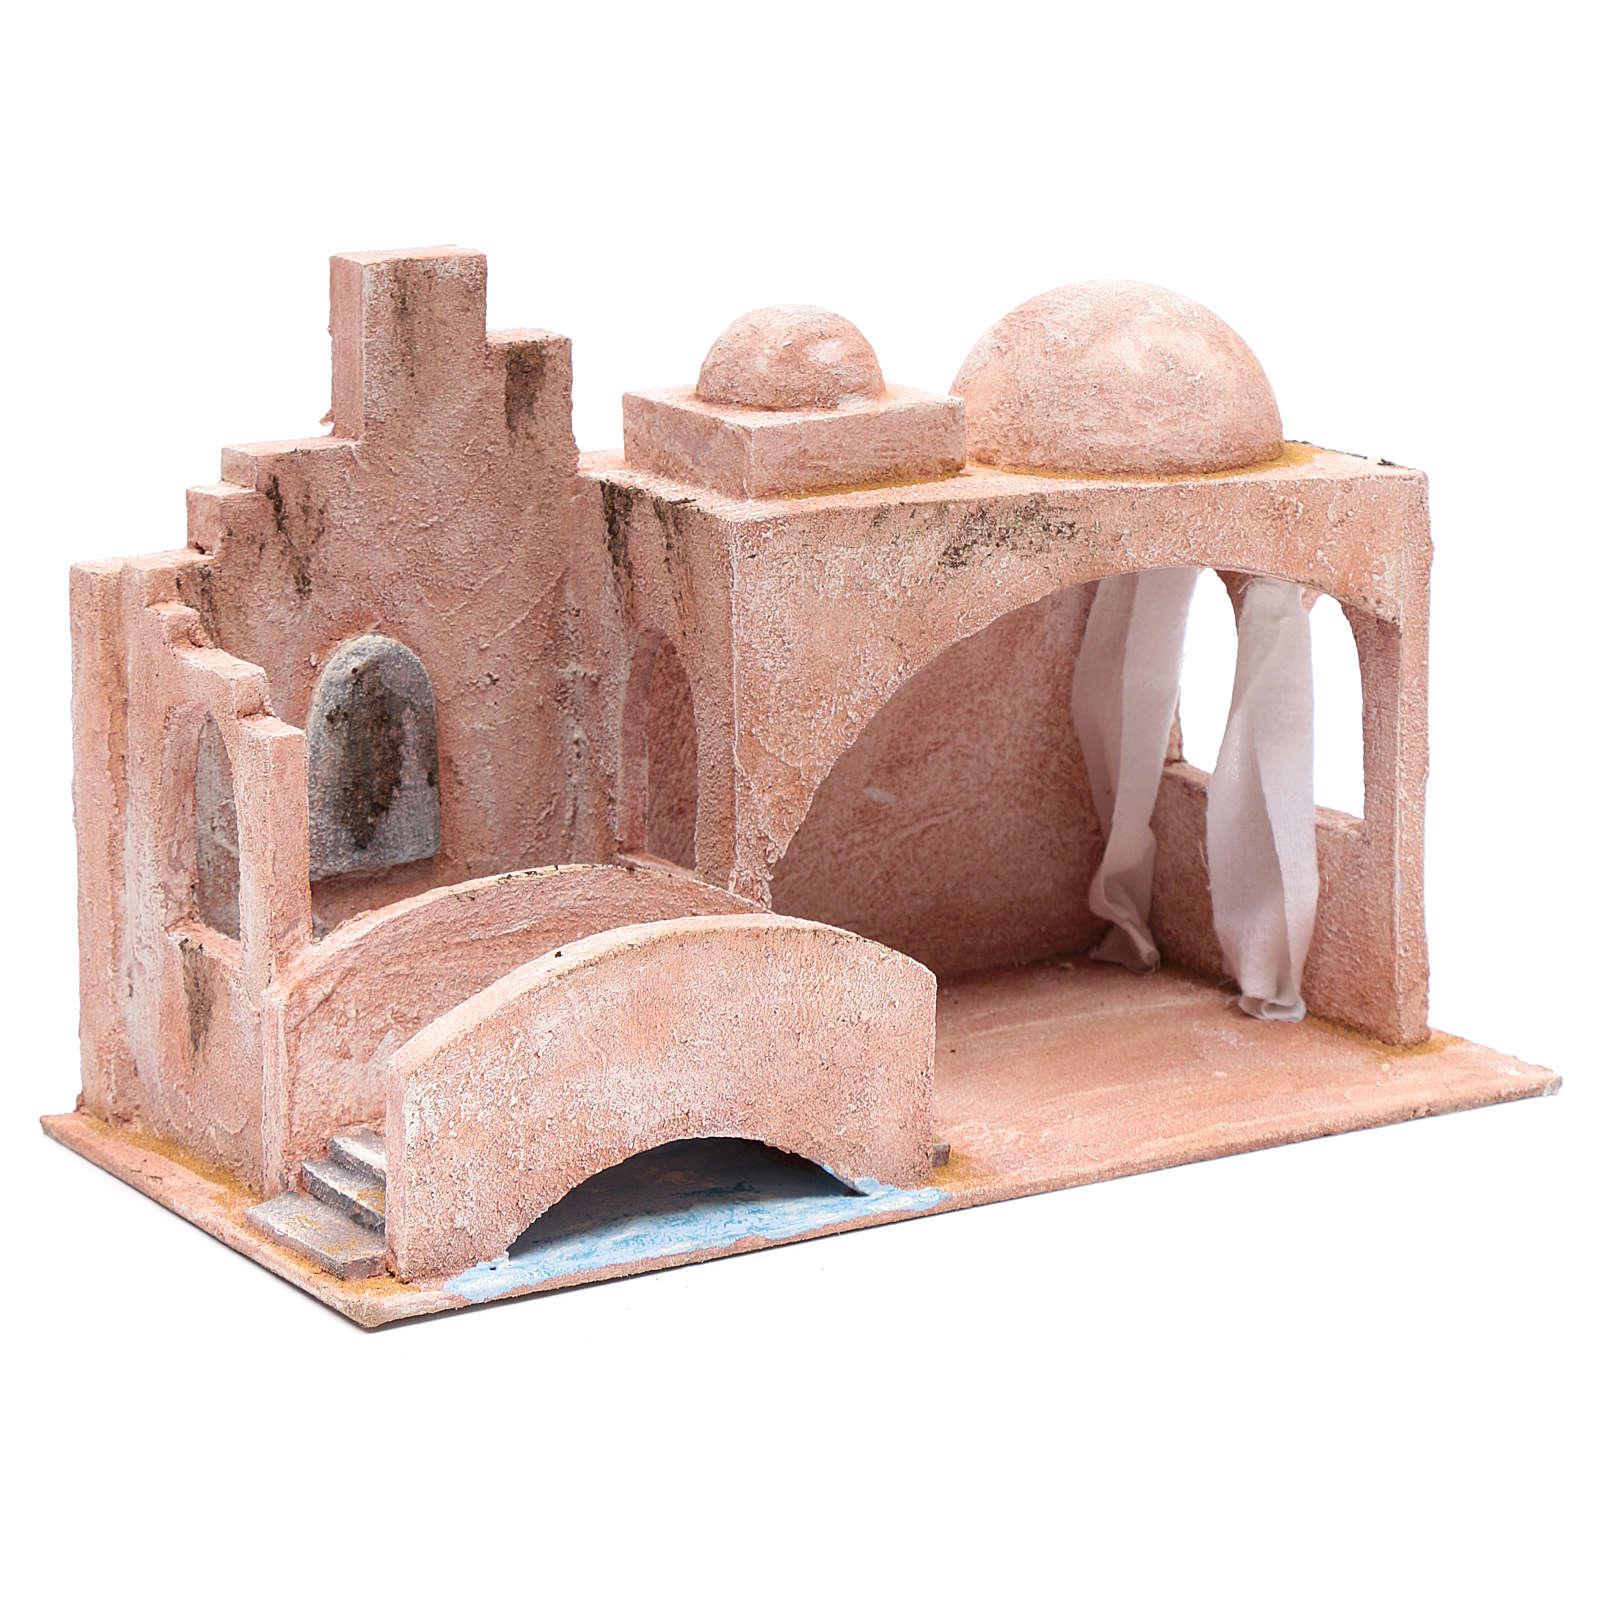 Capanna di stile arabo con laghetto 20x35x20 cm 4